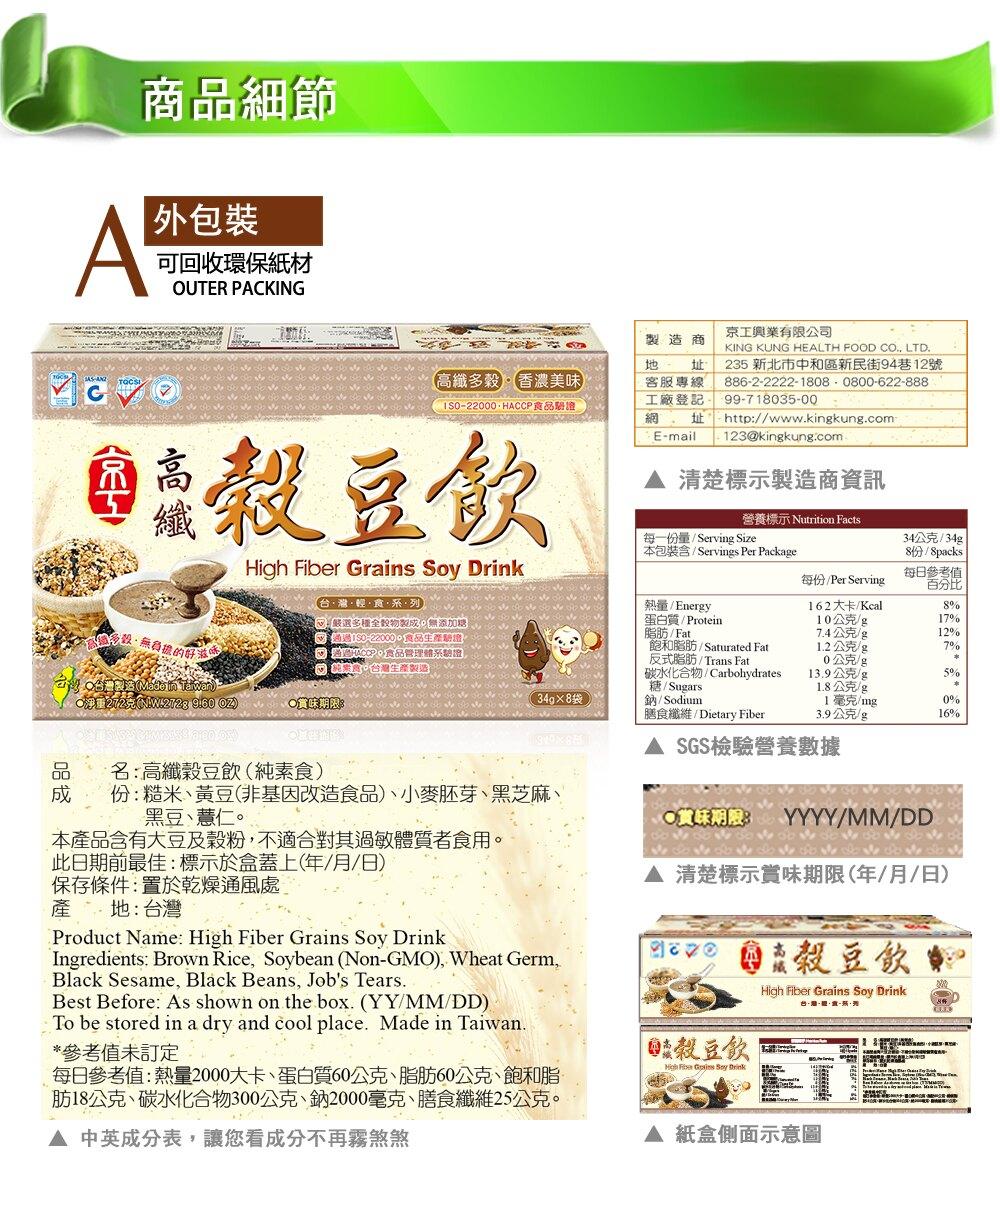 京工 蔬菜湯 買1盒贈送1包 高纖穀豆飲 (8包/盒) 純素食  PQ Shop